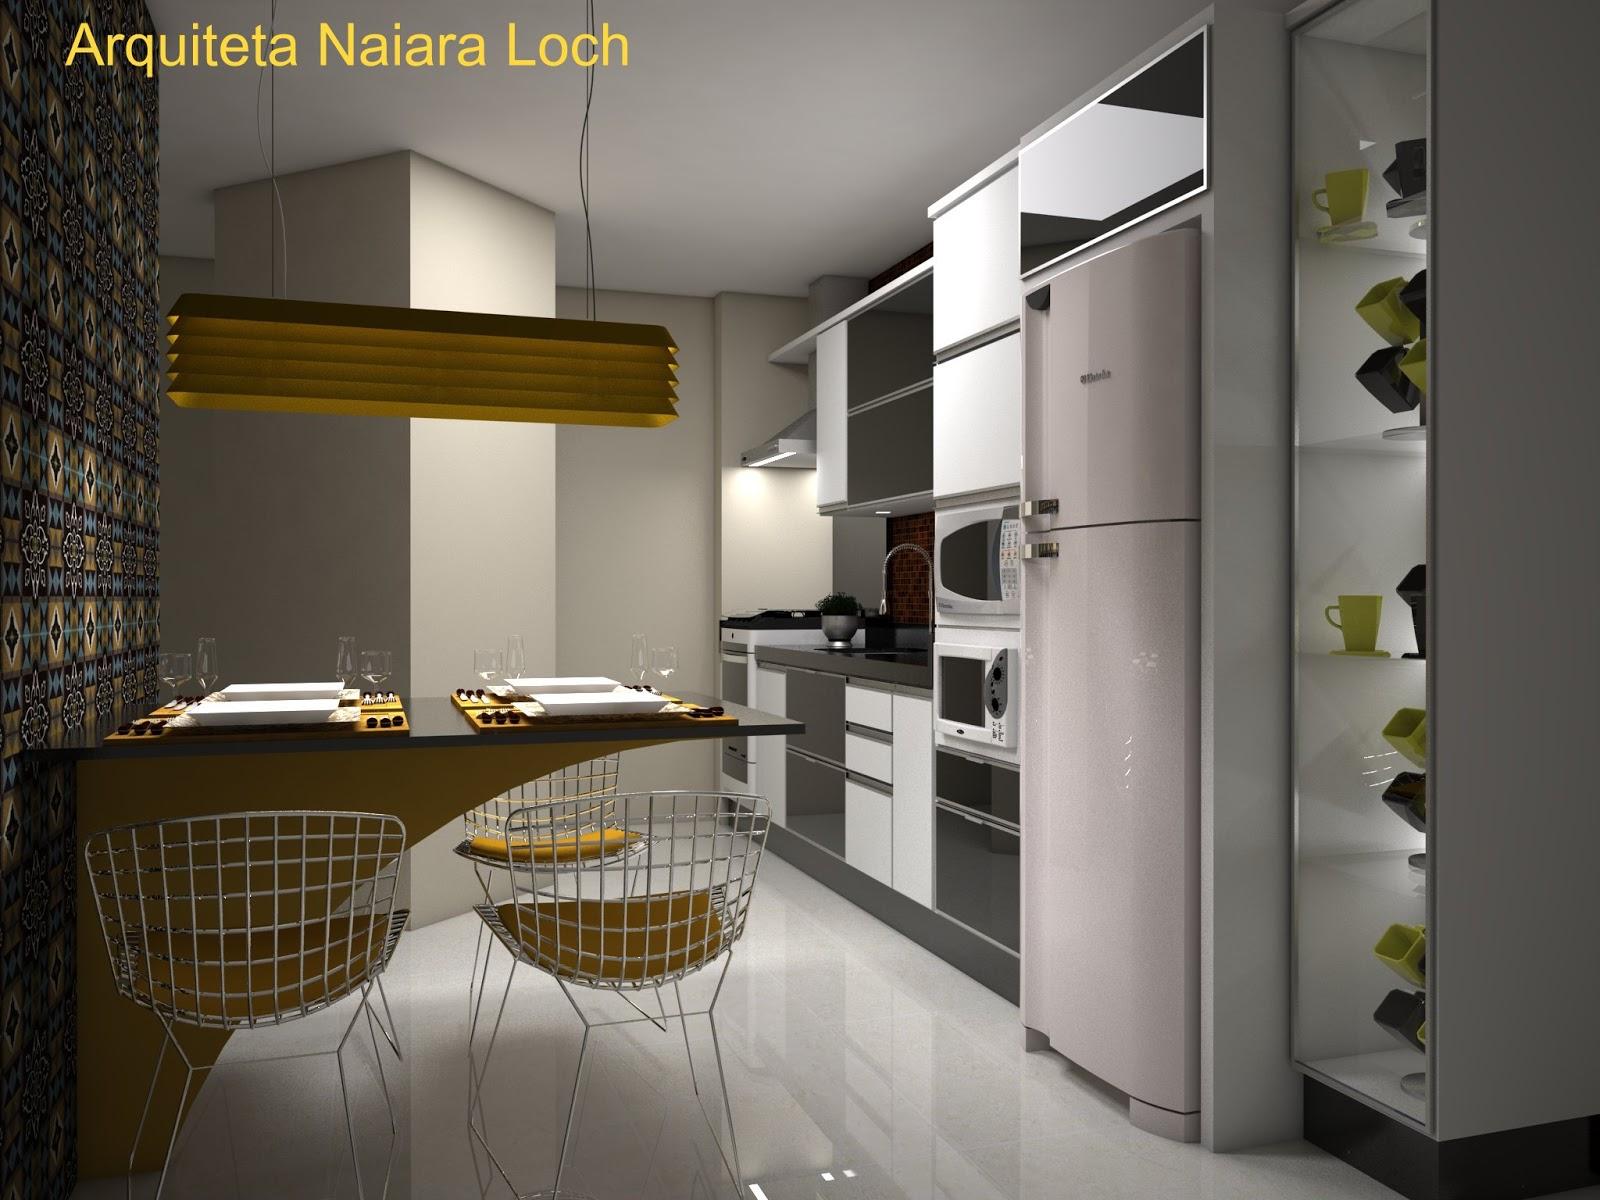 Cozinha branco   preto   amarelo Arquiteta Naiara Loch #AD911E 1600x1200 Banheiro Amarelo Com Preto